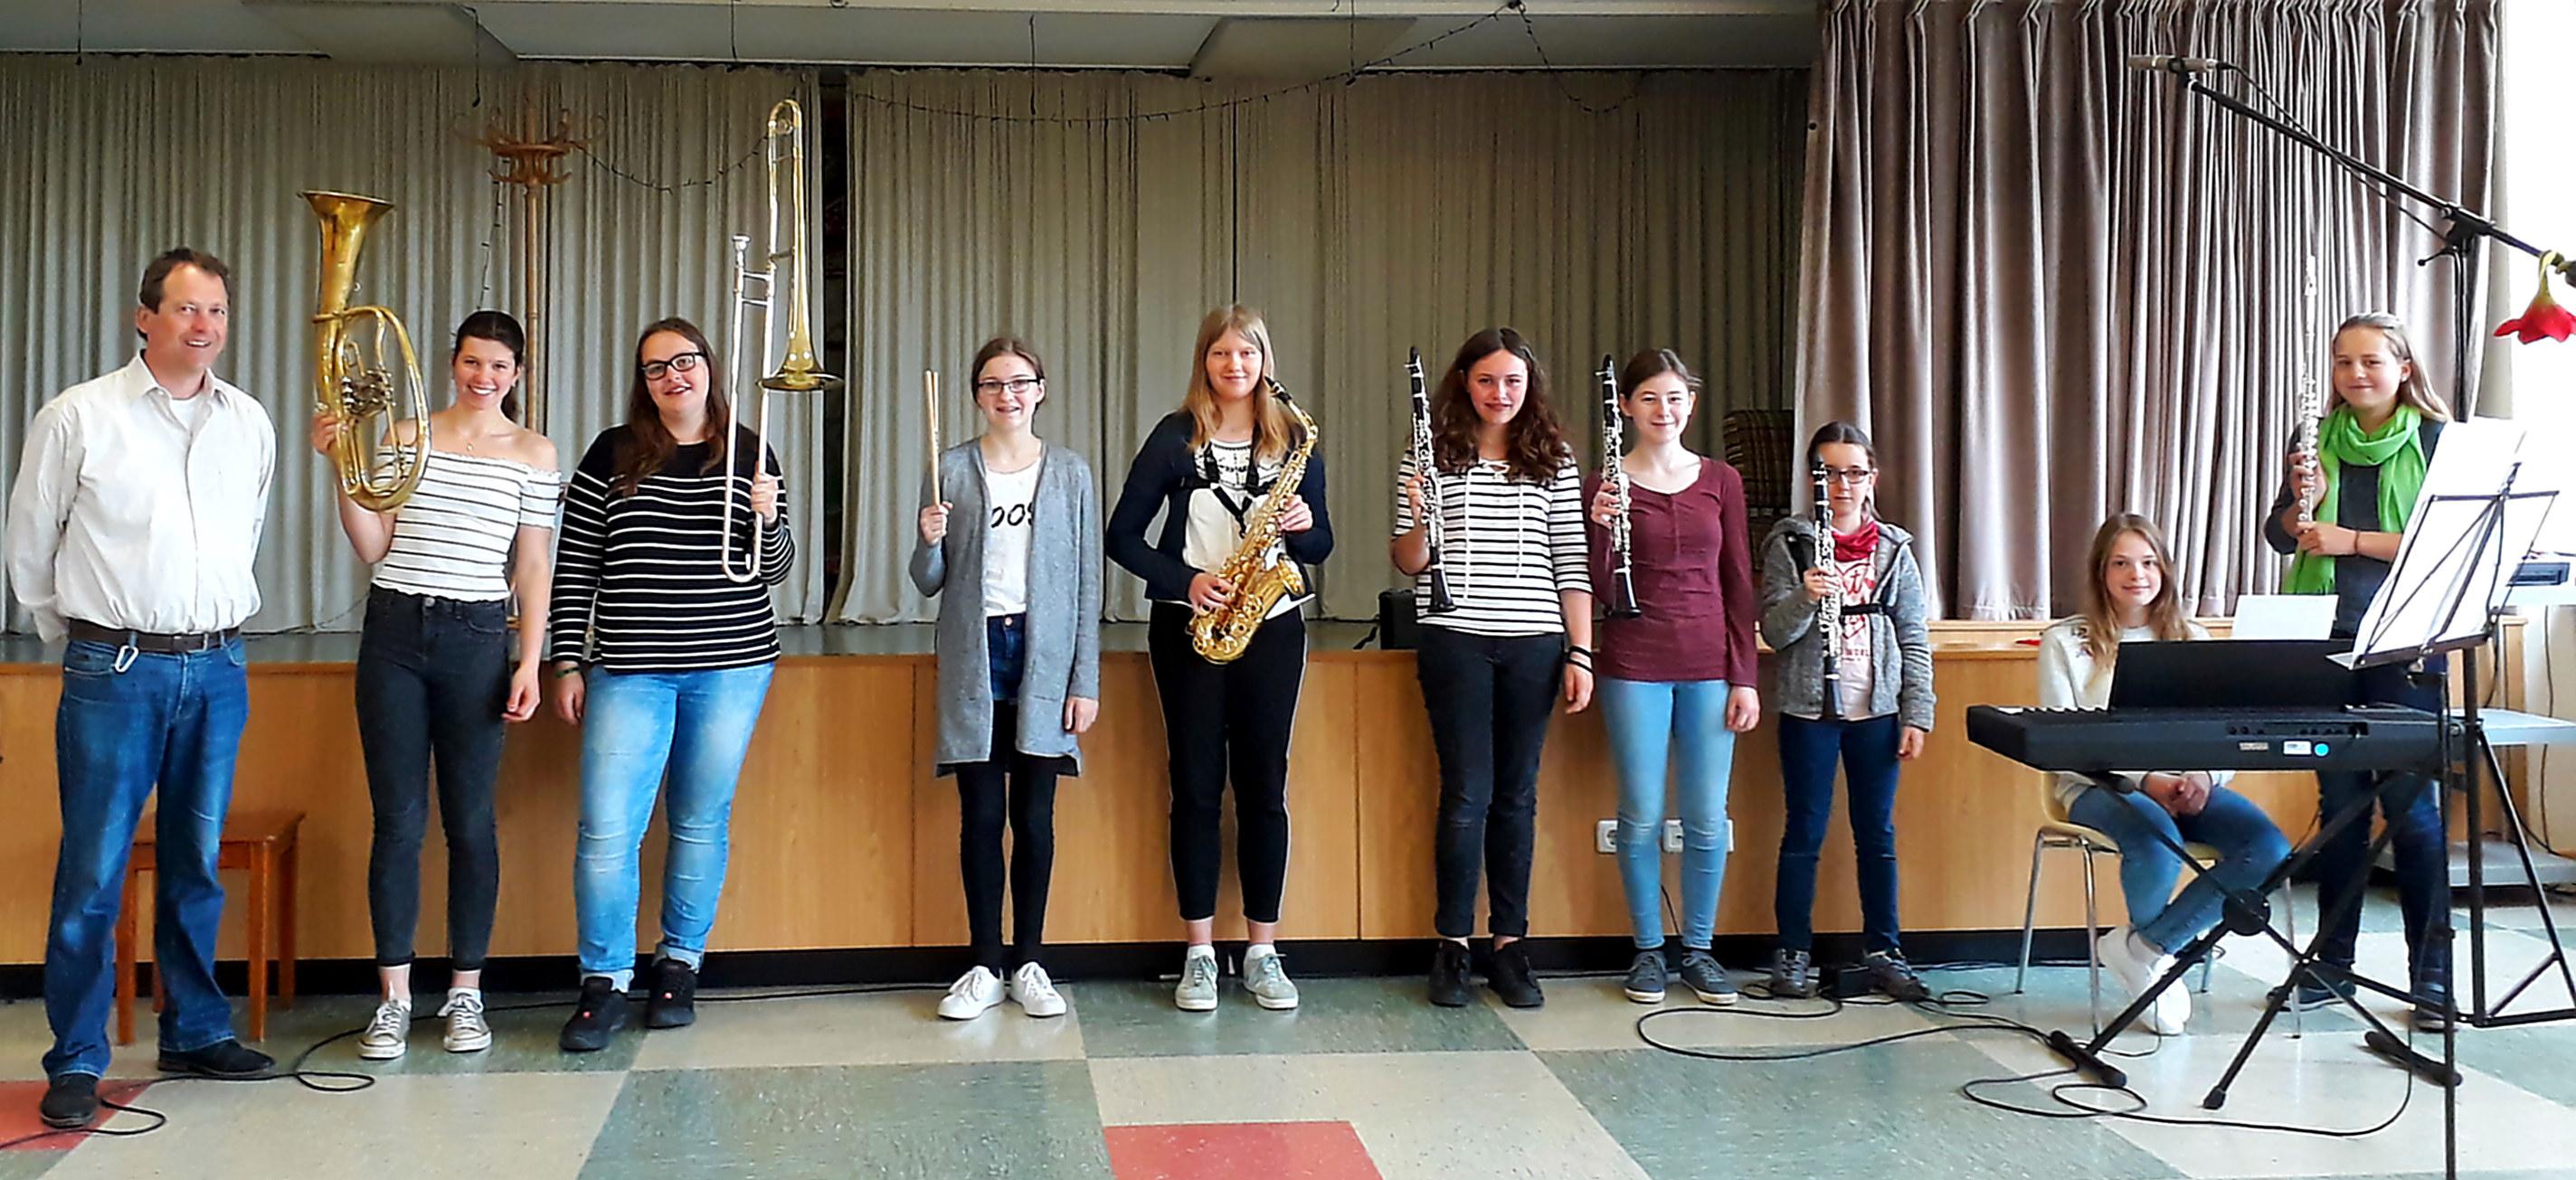 Brass Band Realschule Gunzenhausen